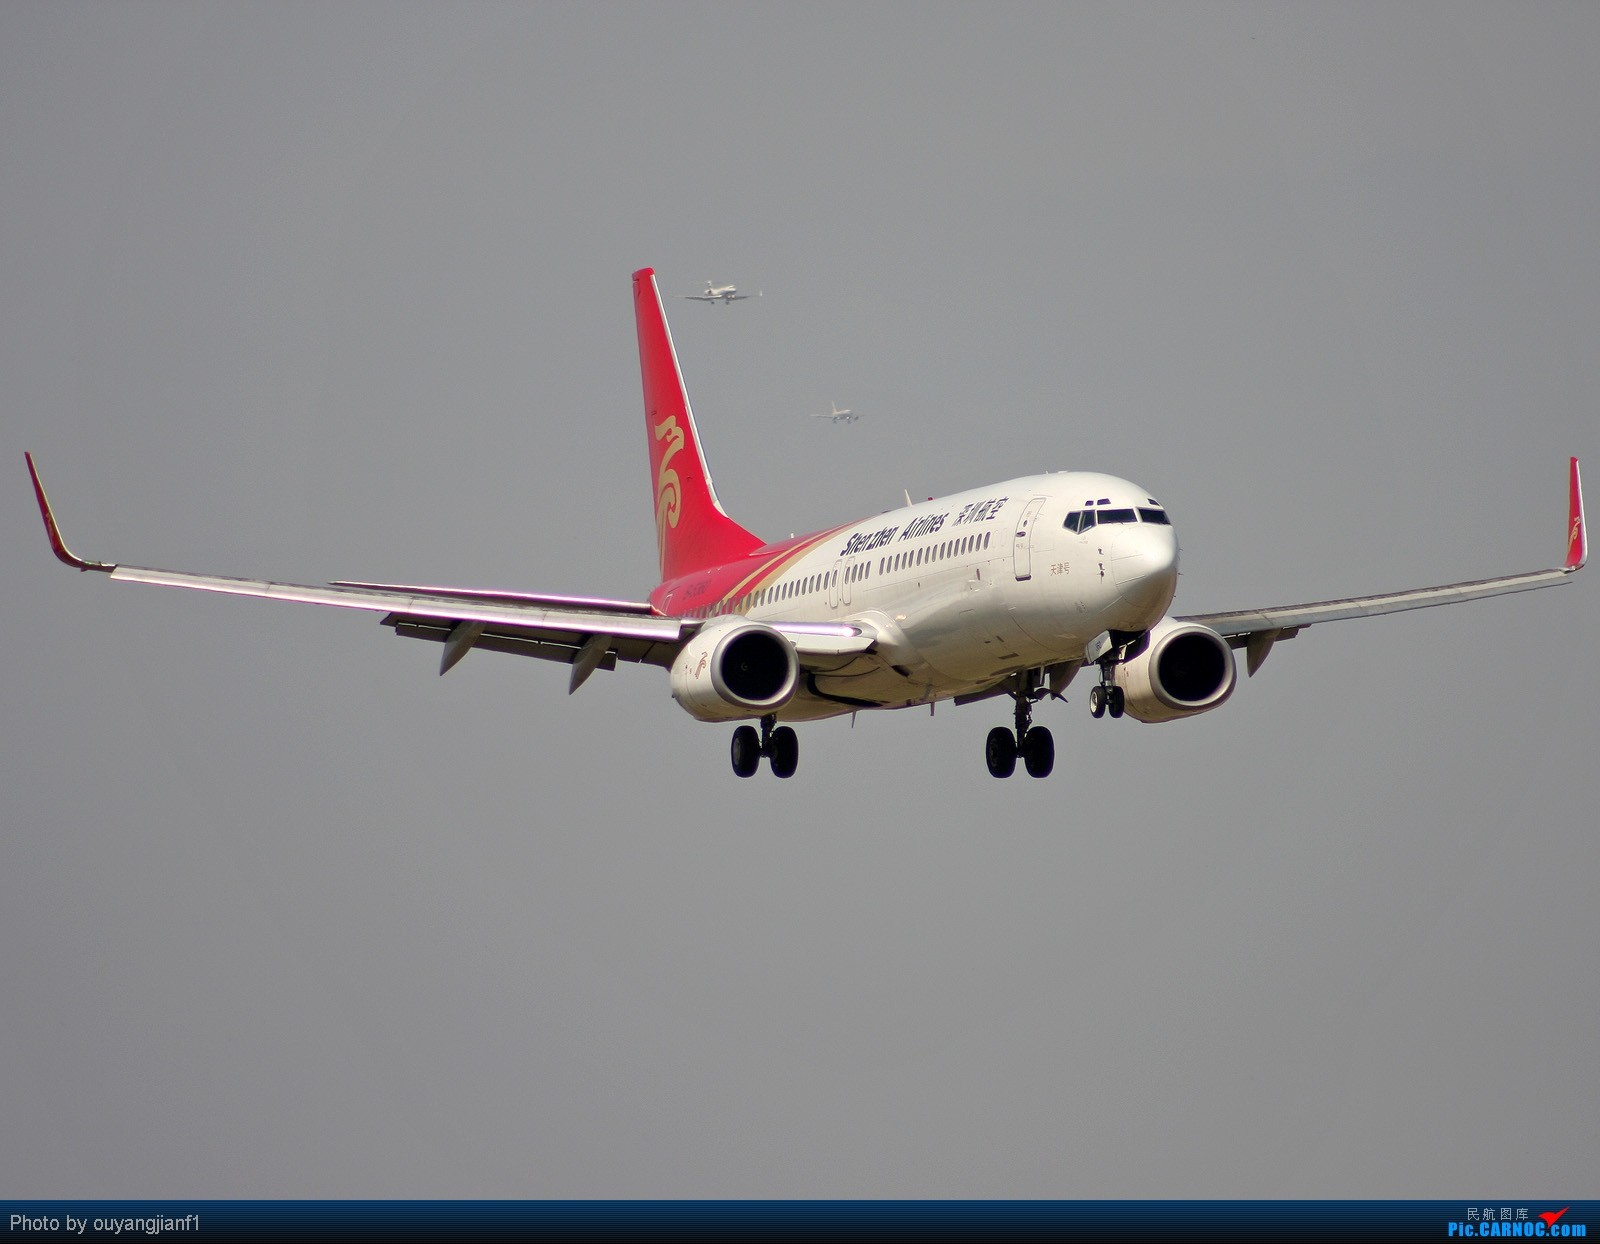 Re:[原创]快有一年没去西跑道了,拍机的感觉已逐渐淡忘,但是只要心中有梦,手中有单反,一切皆有可能! BOEING 737-800 B-5360 北京